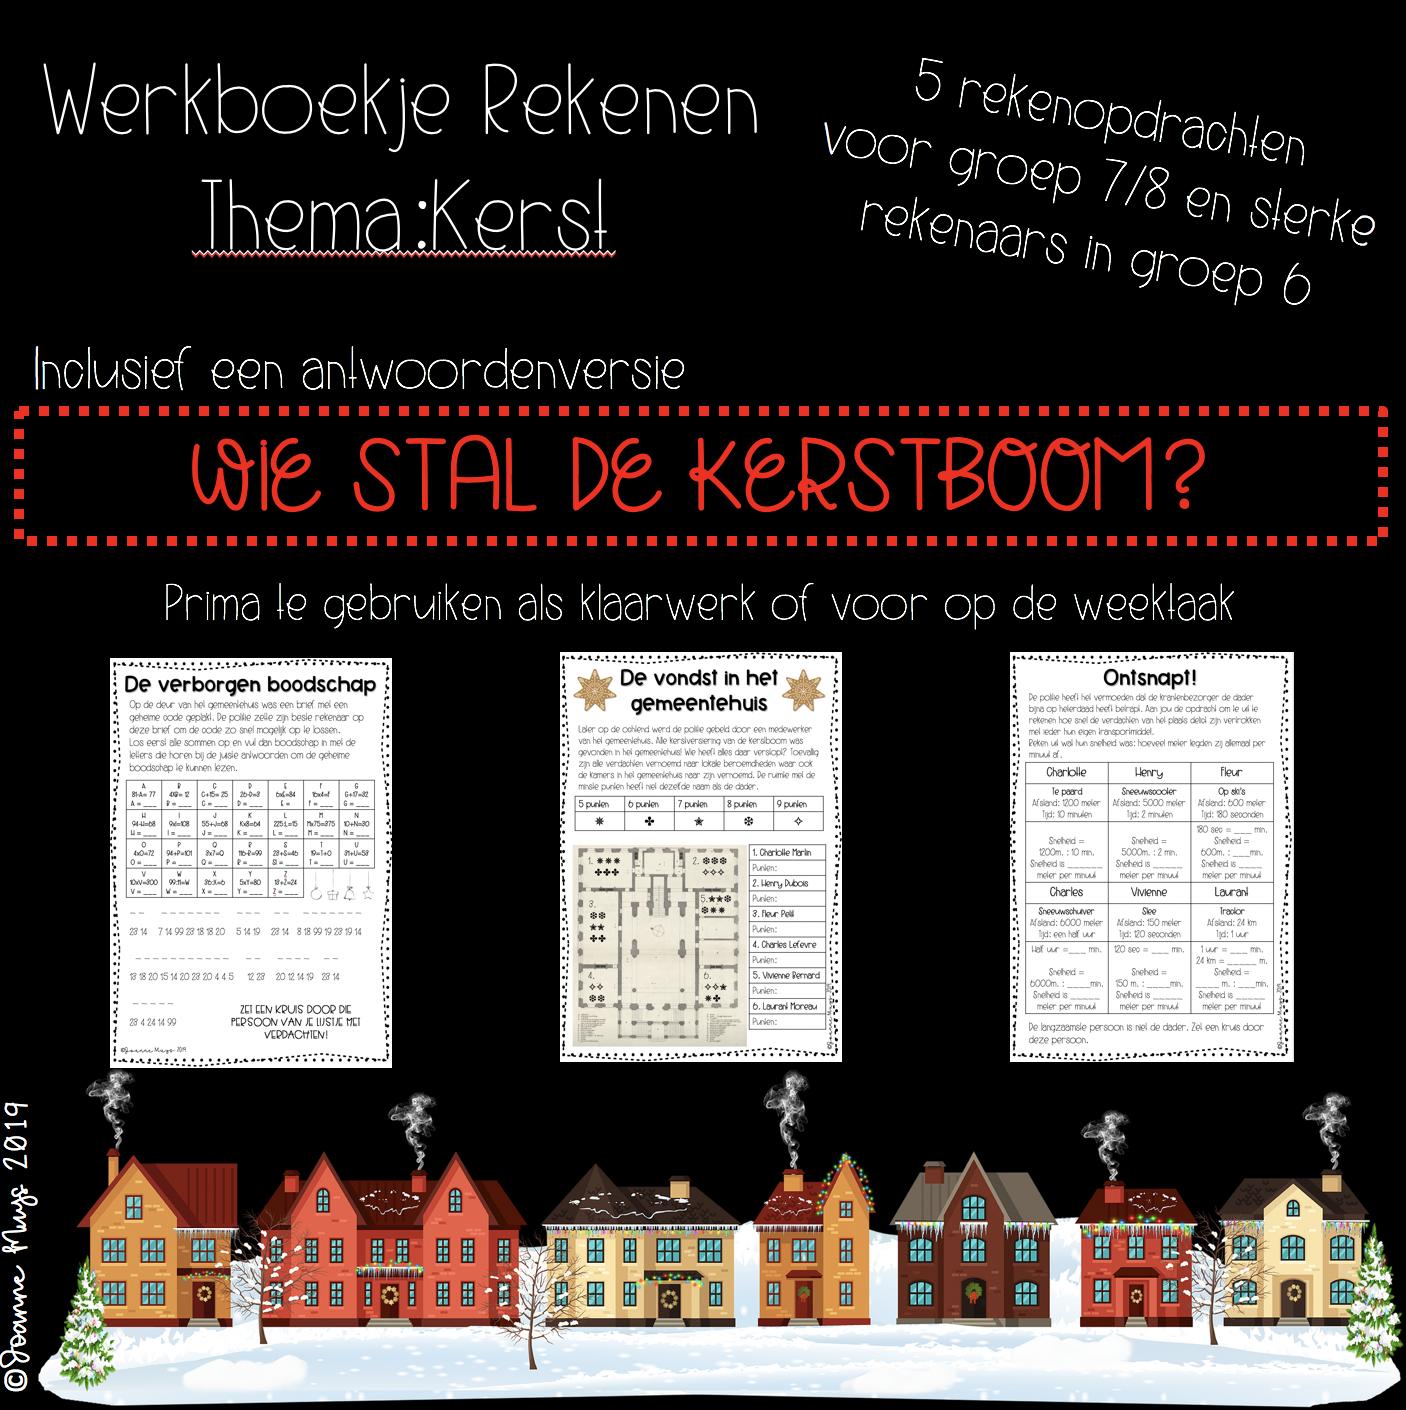 Werkboekje rekenen: thema Kerst voor de bovenbouw